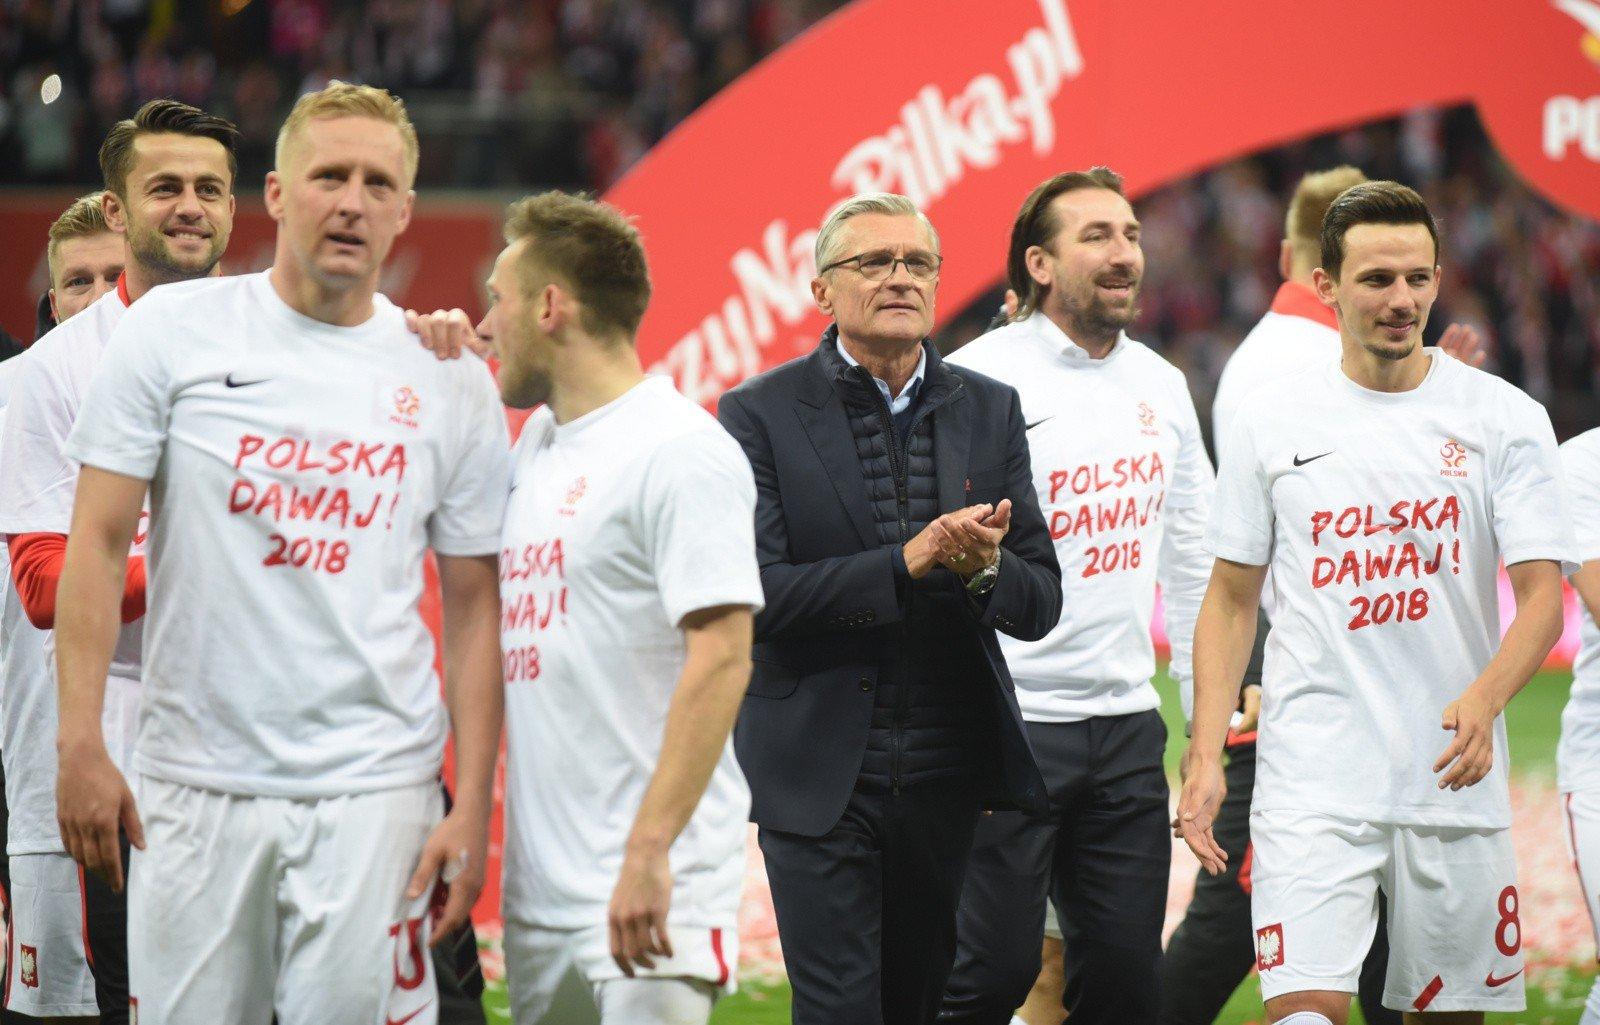 fc274b0e5 MŚ ROSJA 2018: Kiedy gra Polska? GRUPA H + TERMINARZ MUNDIAL 2018 ROSJA.  KALENDARZ MŚ 2018 | Dziennik Zachodni